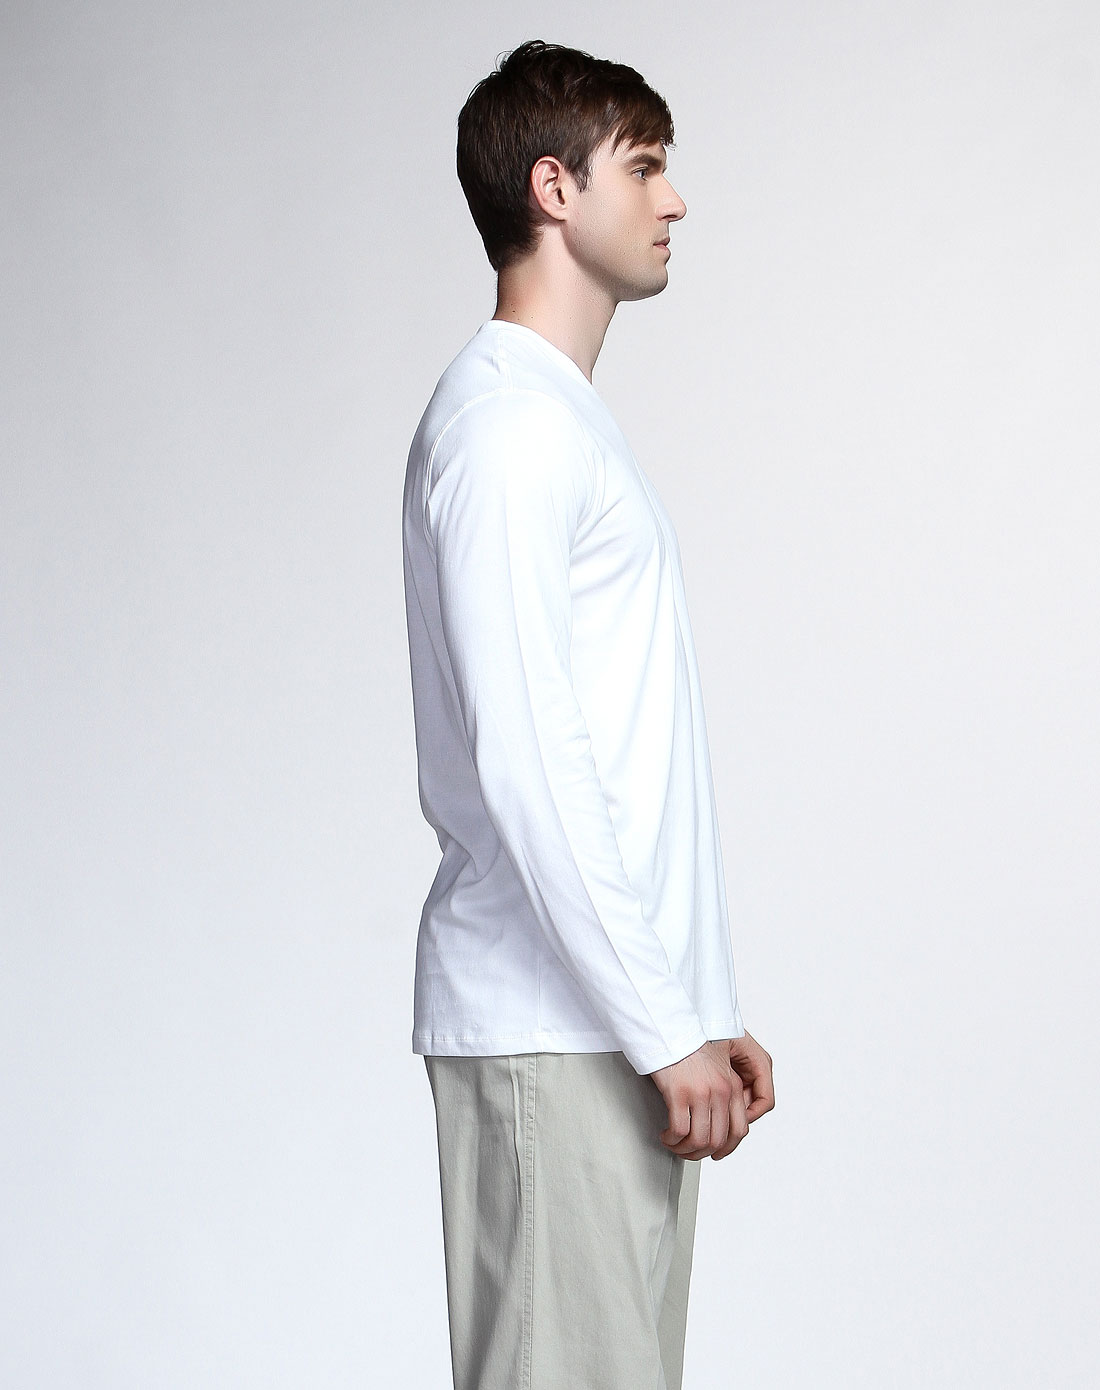 dupont名品专场男款简约大气长袖t恤白色spl